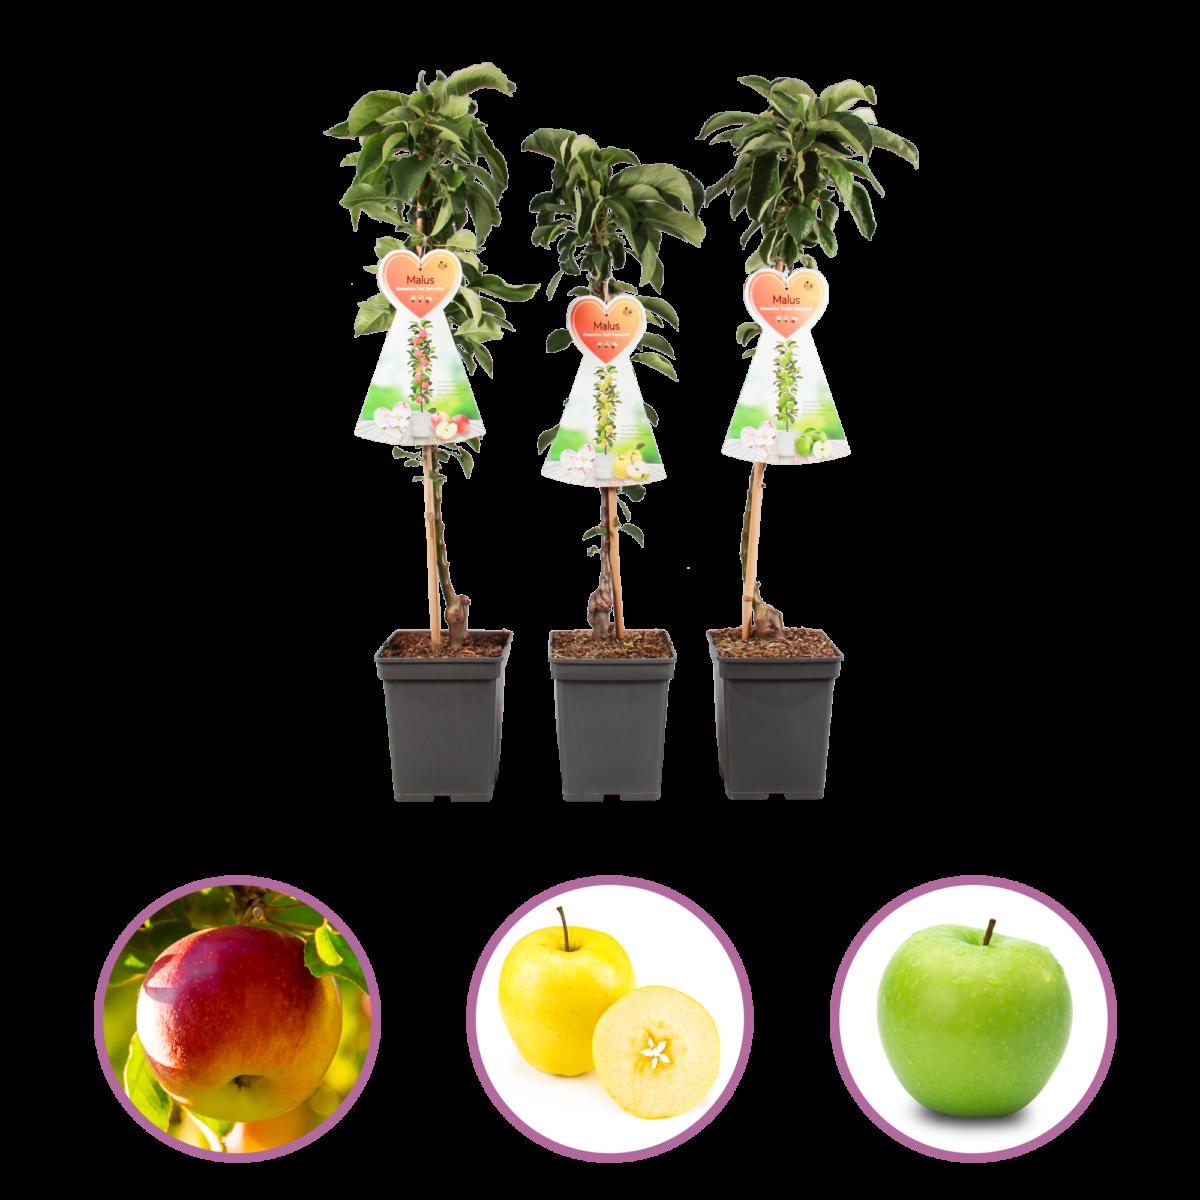 boskoopsefruitbomen | Appelbomen